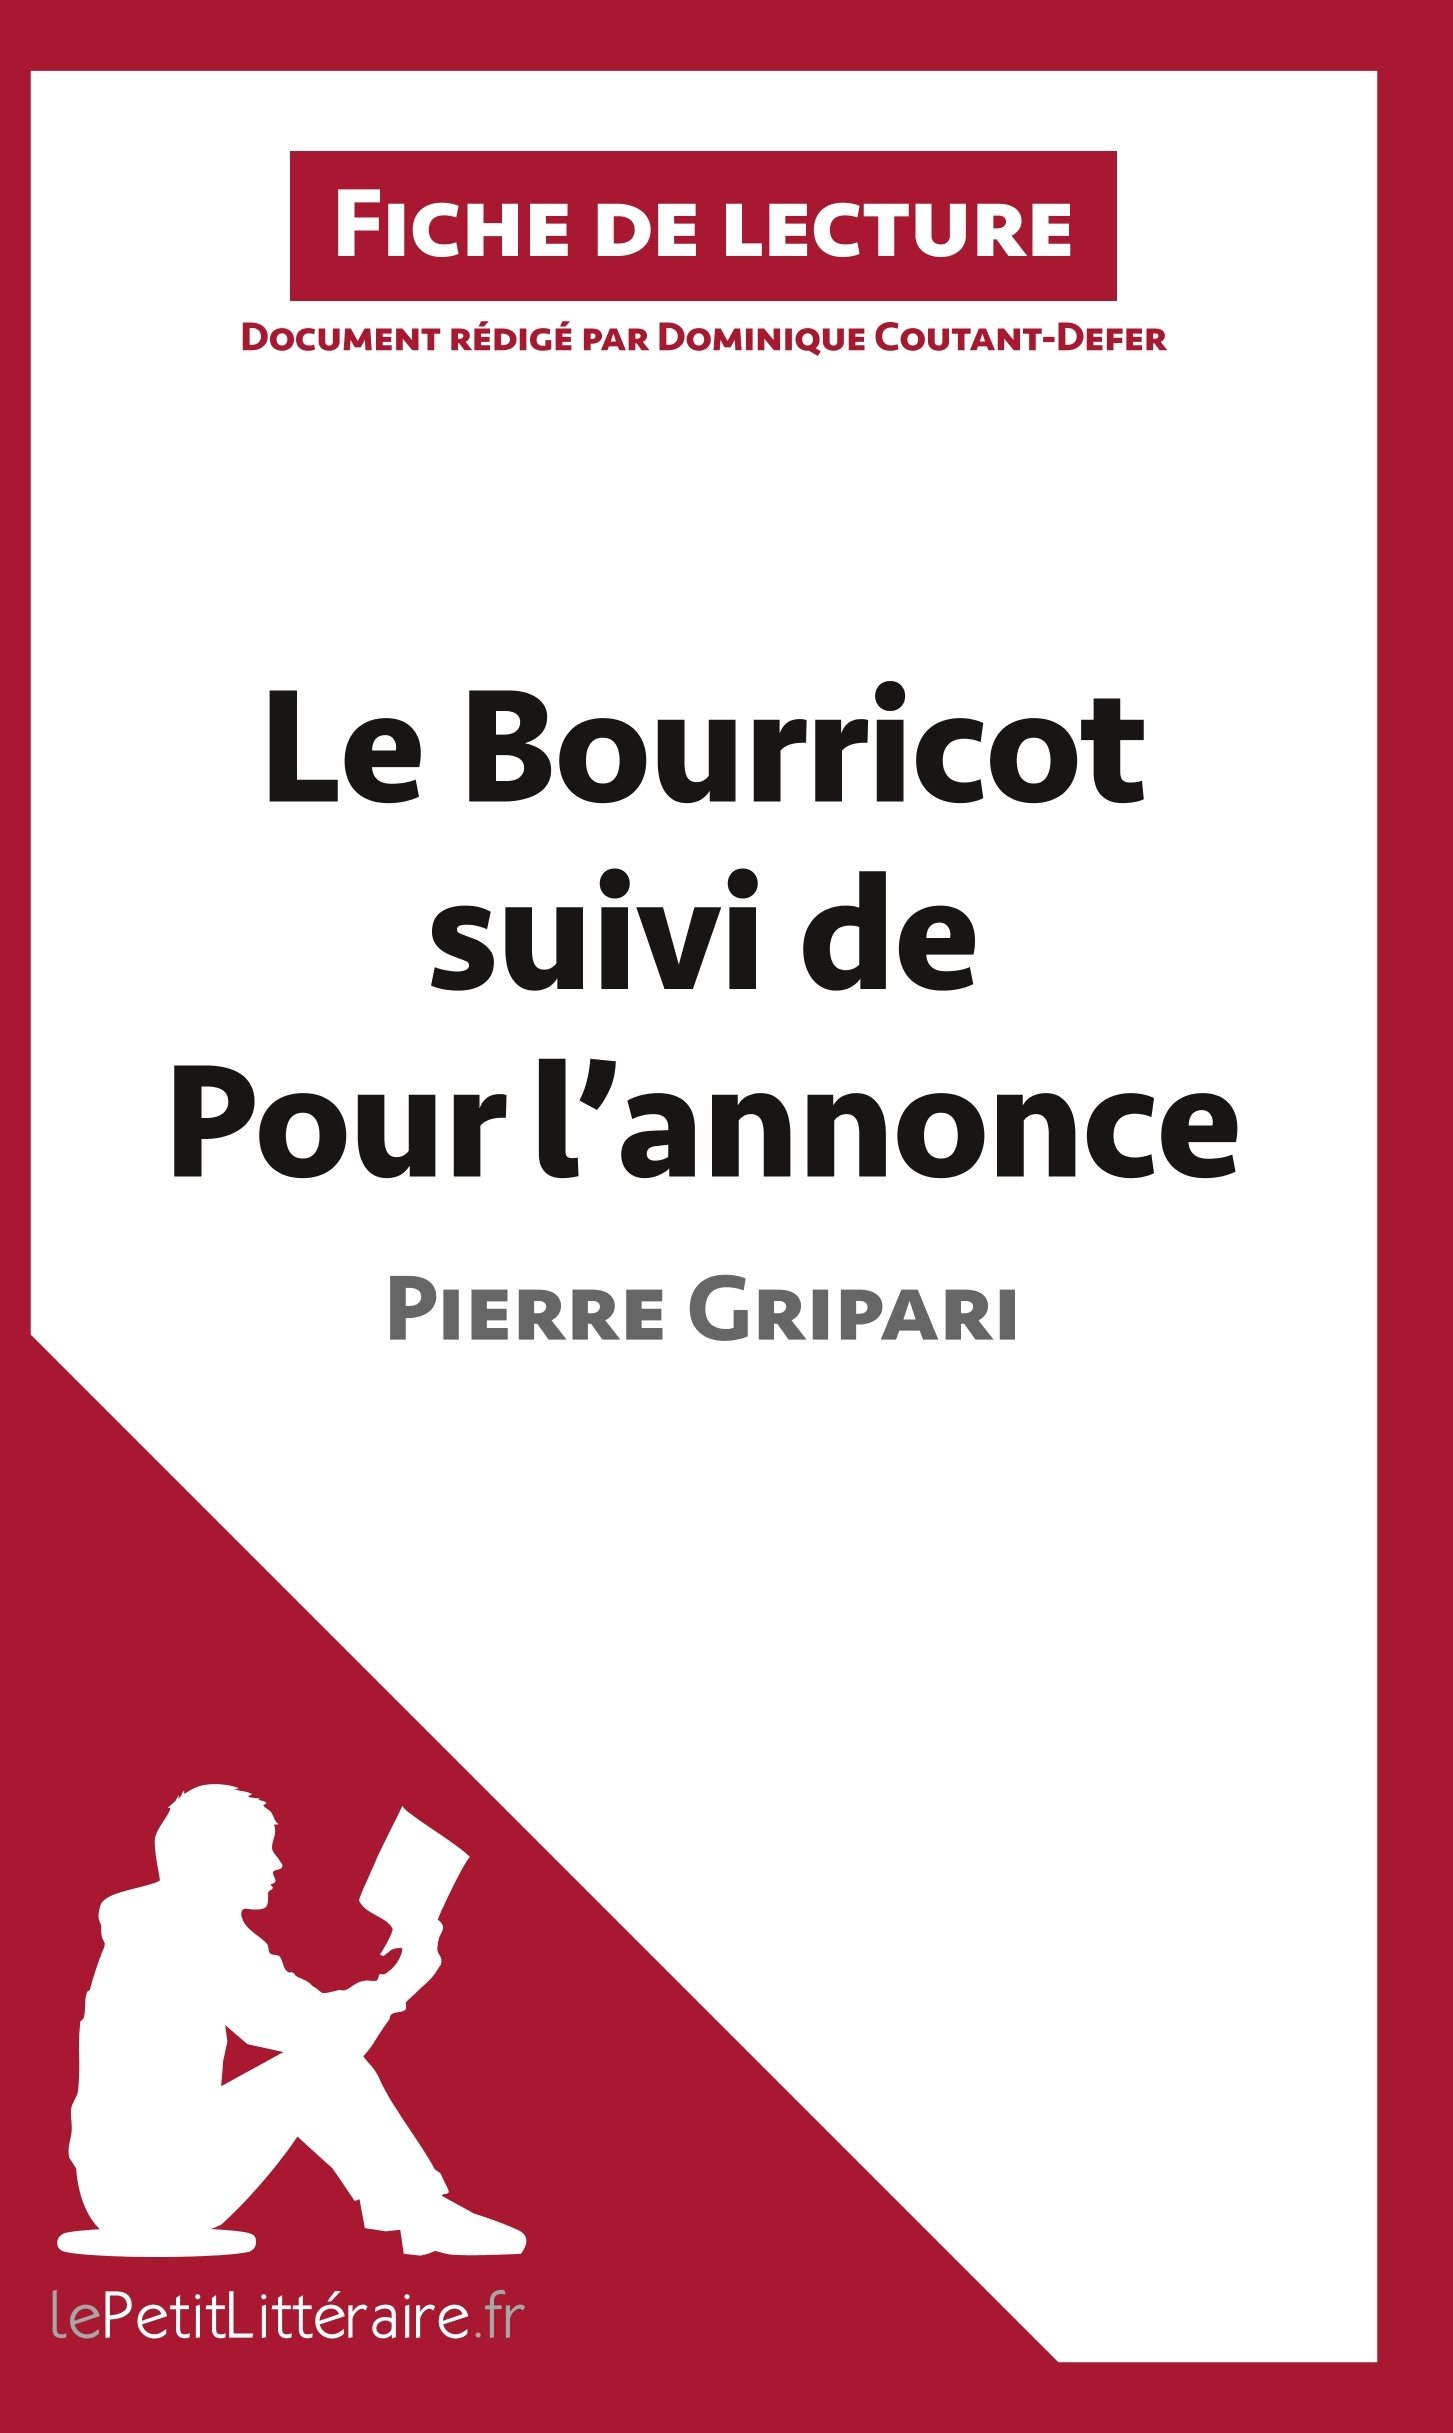 ANALYSE LE BOURRICOT SUIVI DE POUR L ANNONCE DE PIERRE GRIPARI ANALYSE COMPLETE